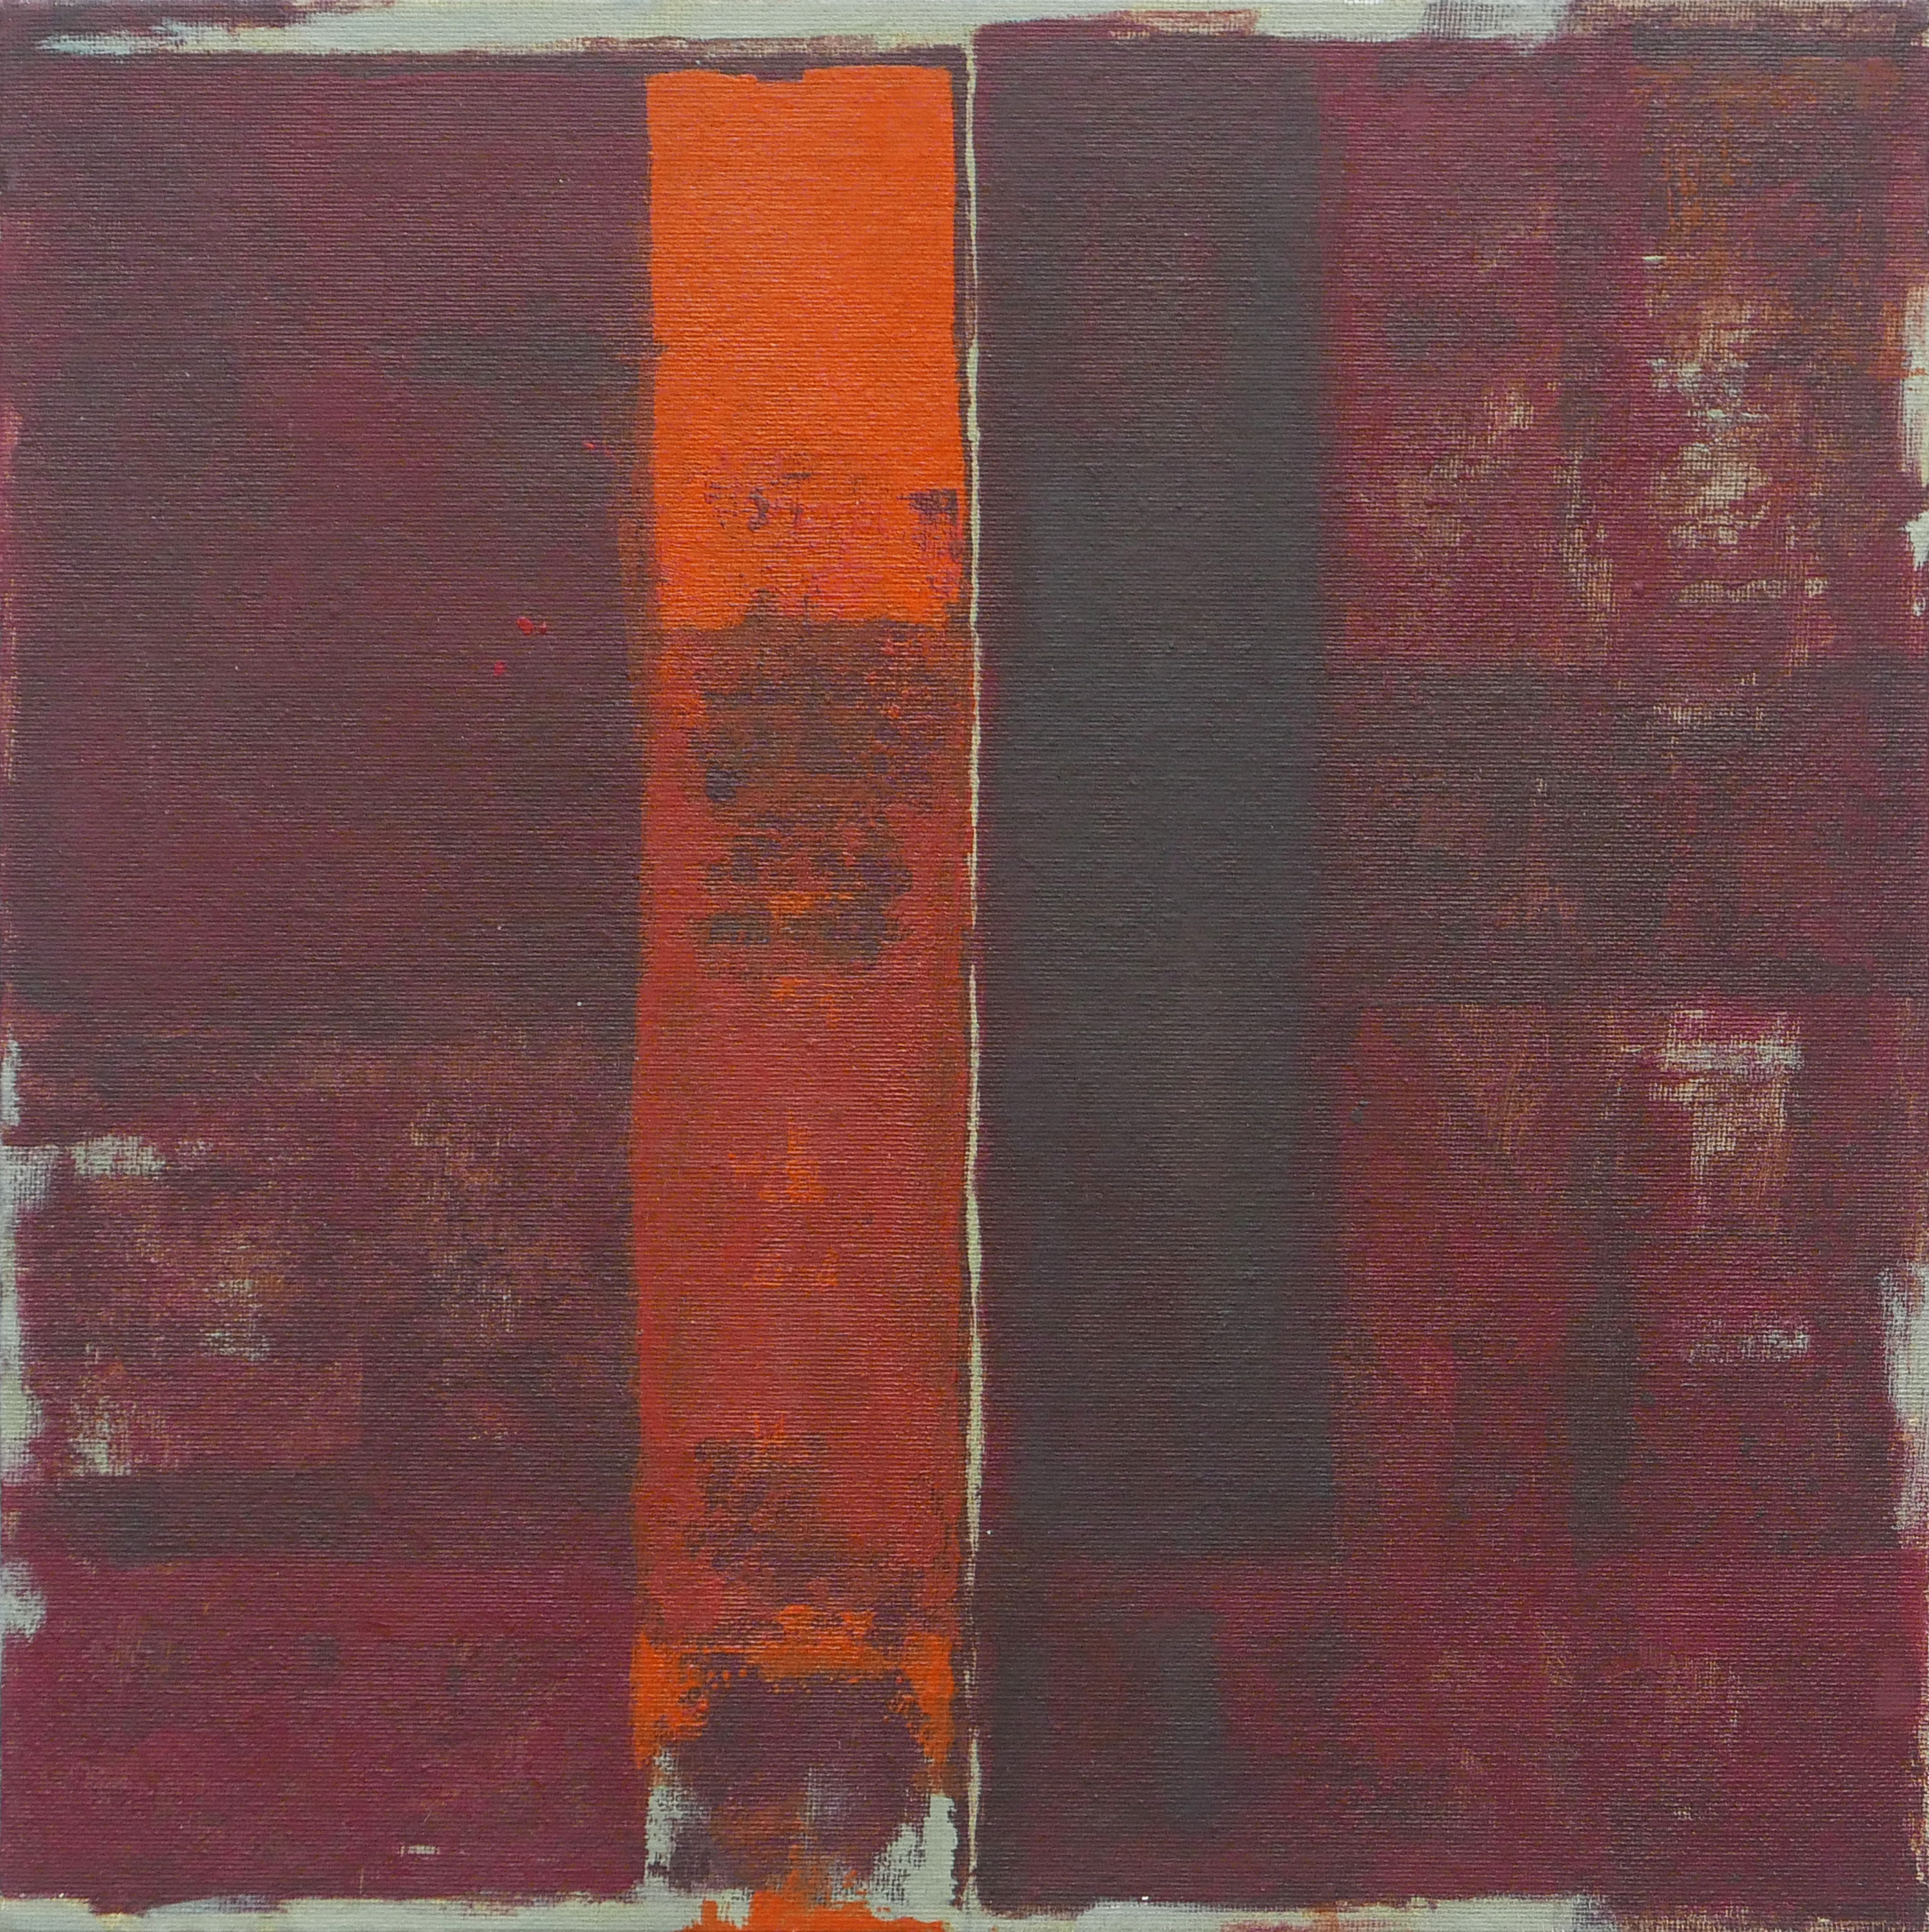 Ormesini. Acrylic on canvas panel, 340 X 340 (framed)